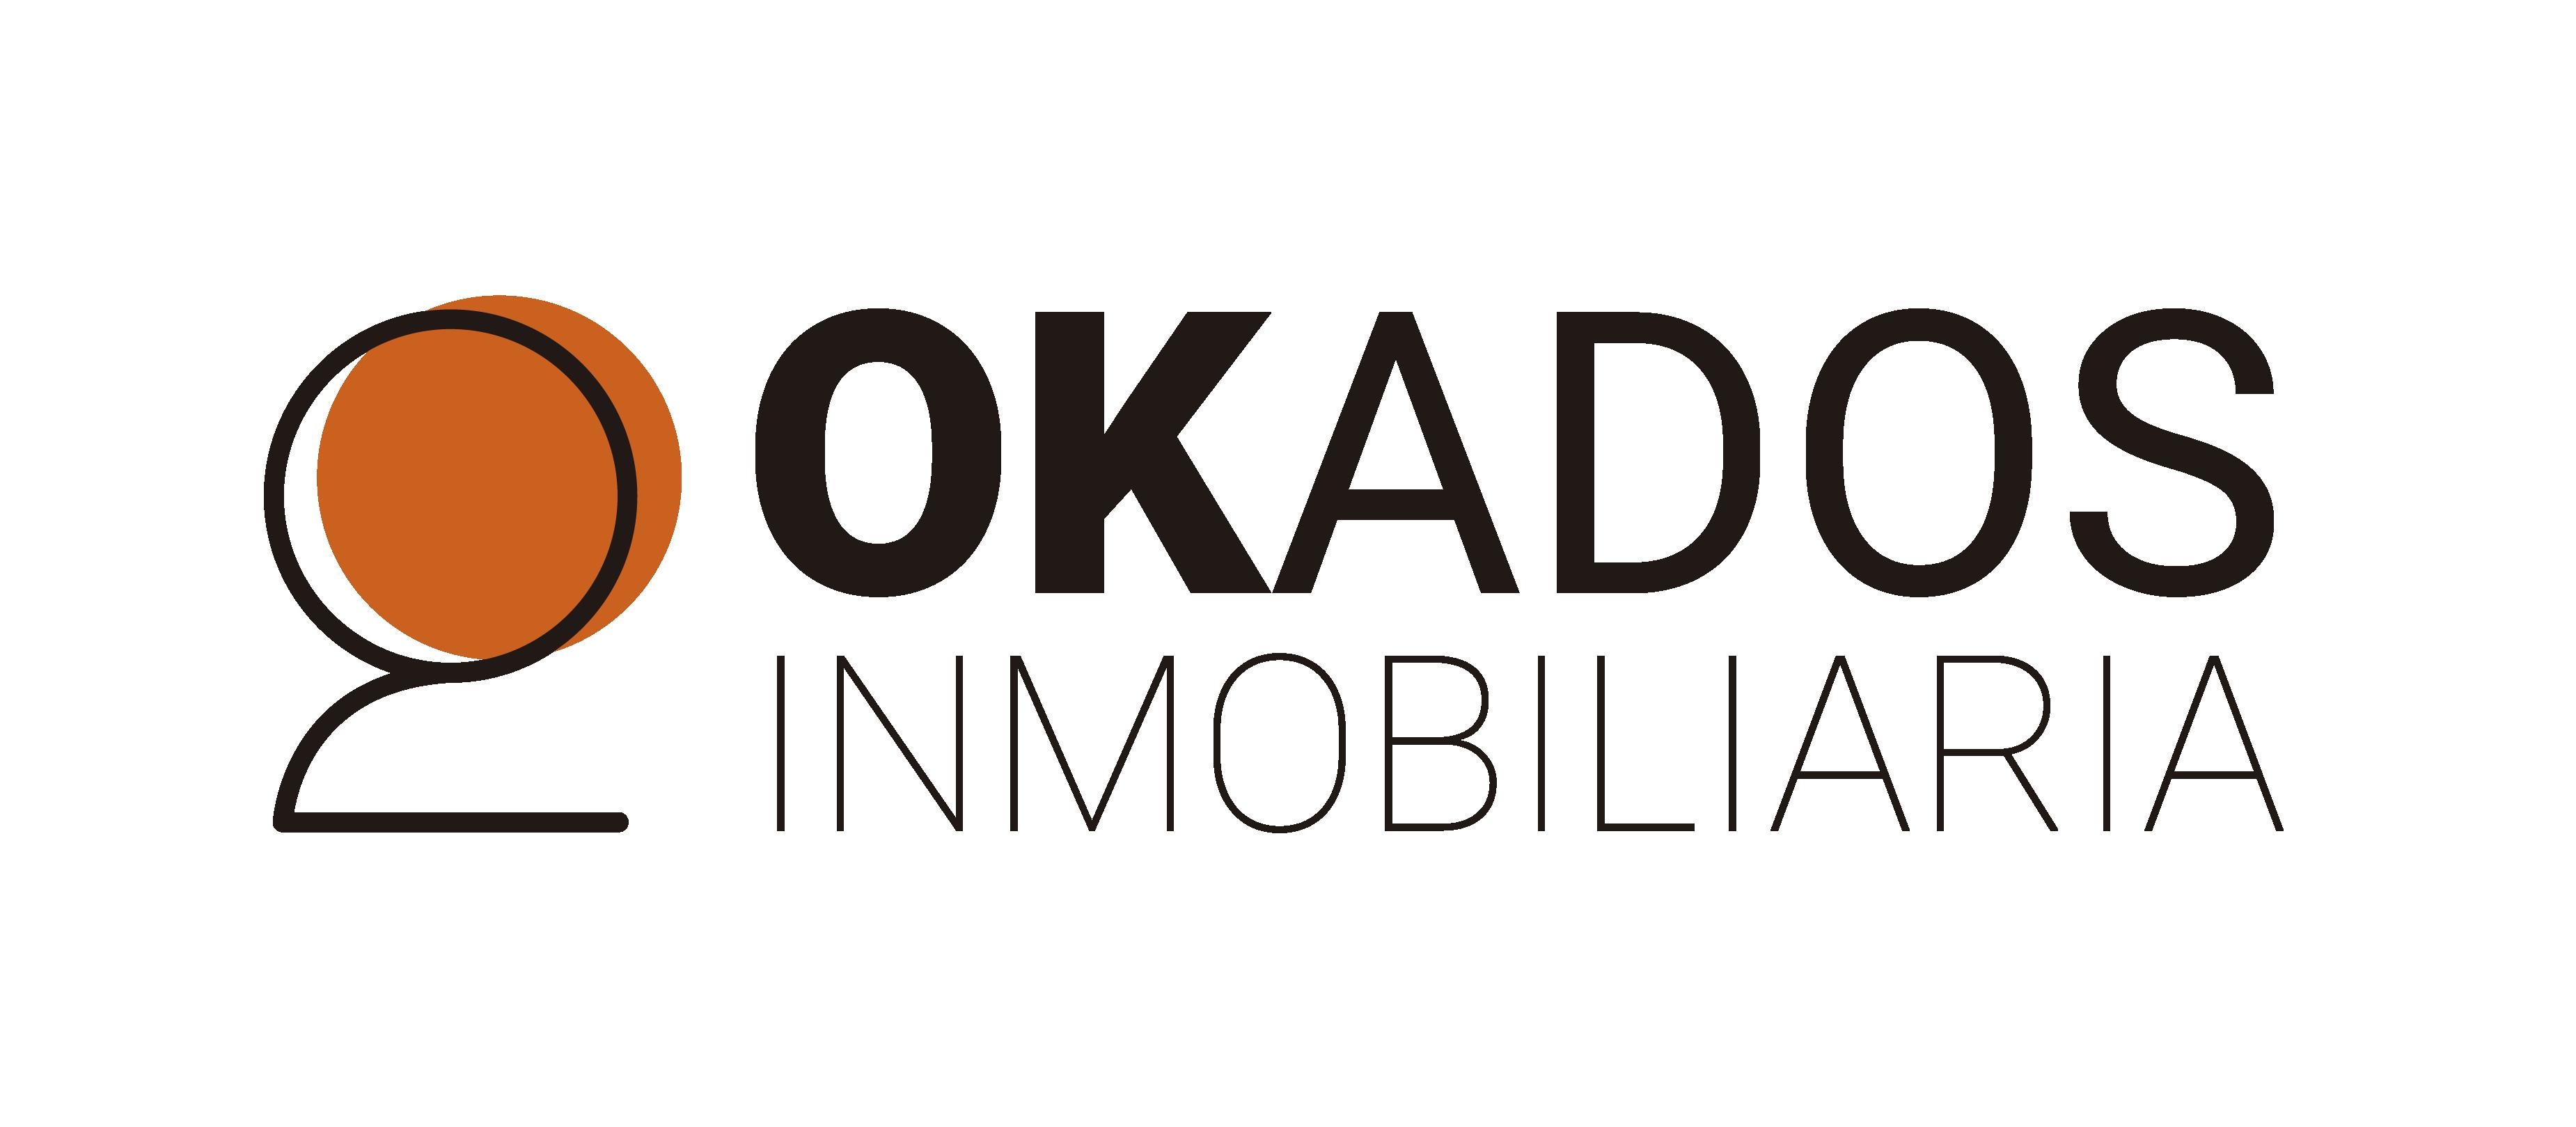 Resultado de imagen de inmobiliaria okados